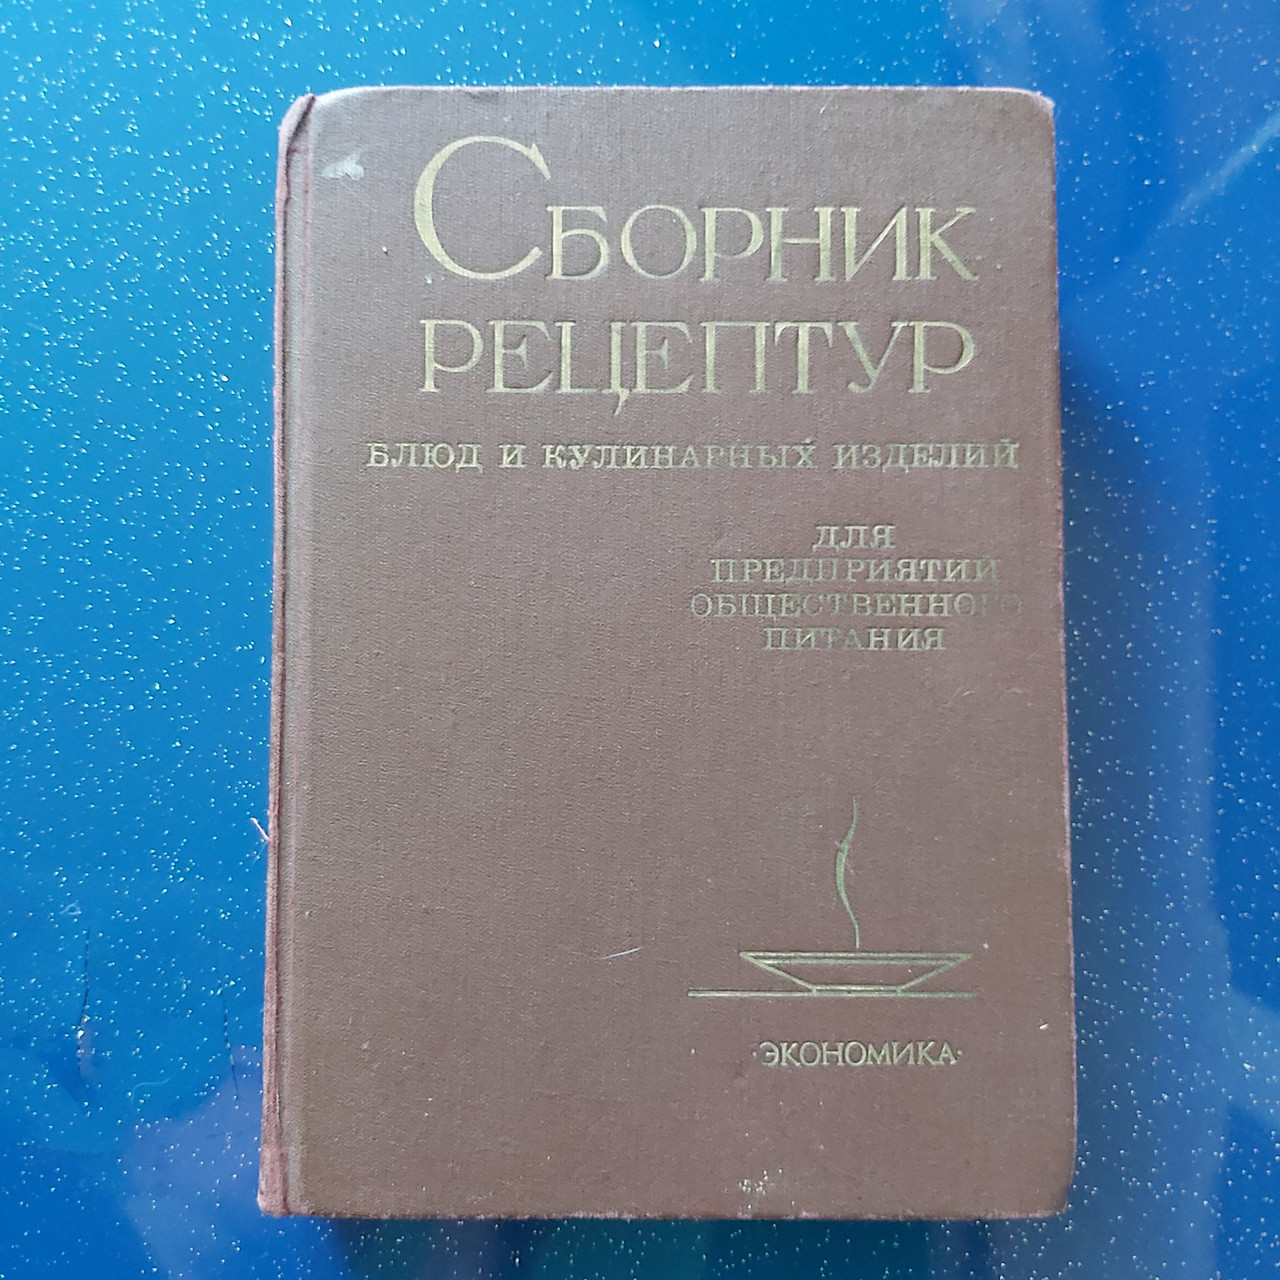 Сборник рецептур блюд и кулинарных изделий для предприятий общепита 1983г. Москва